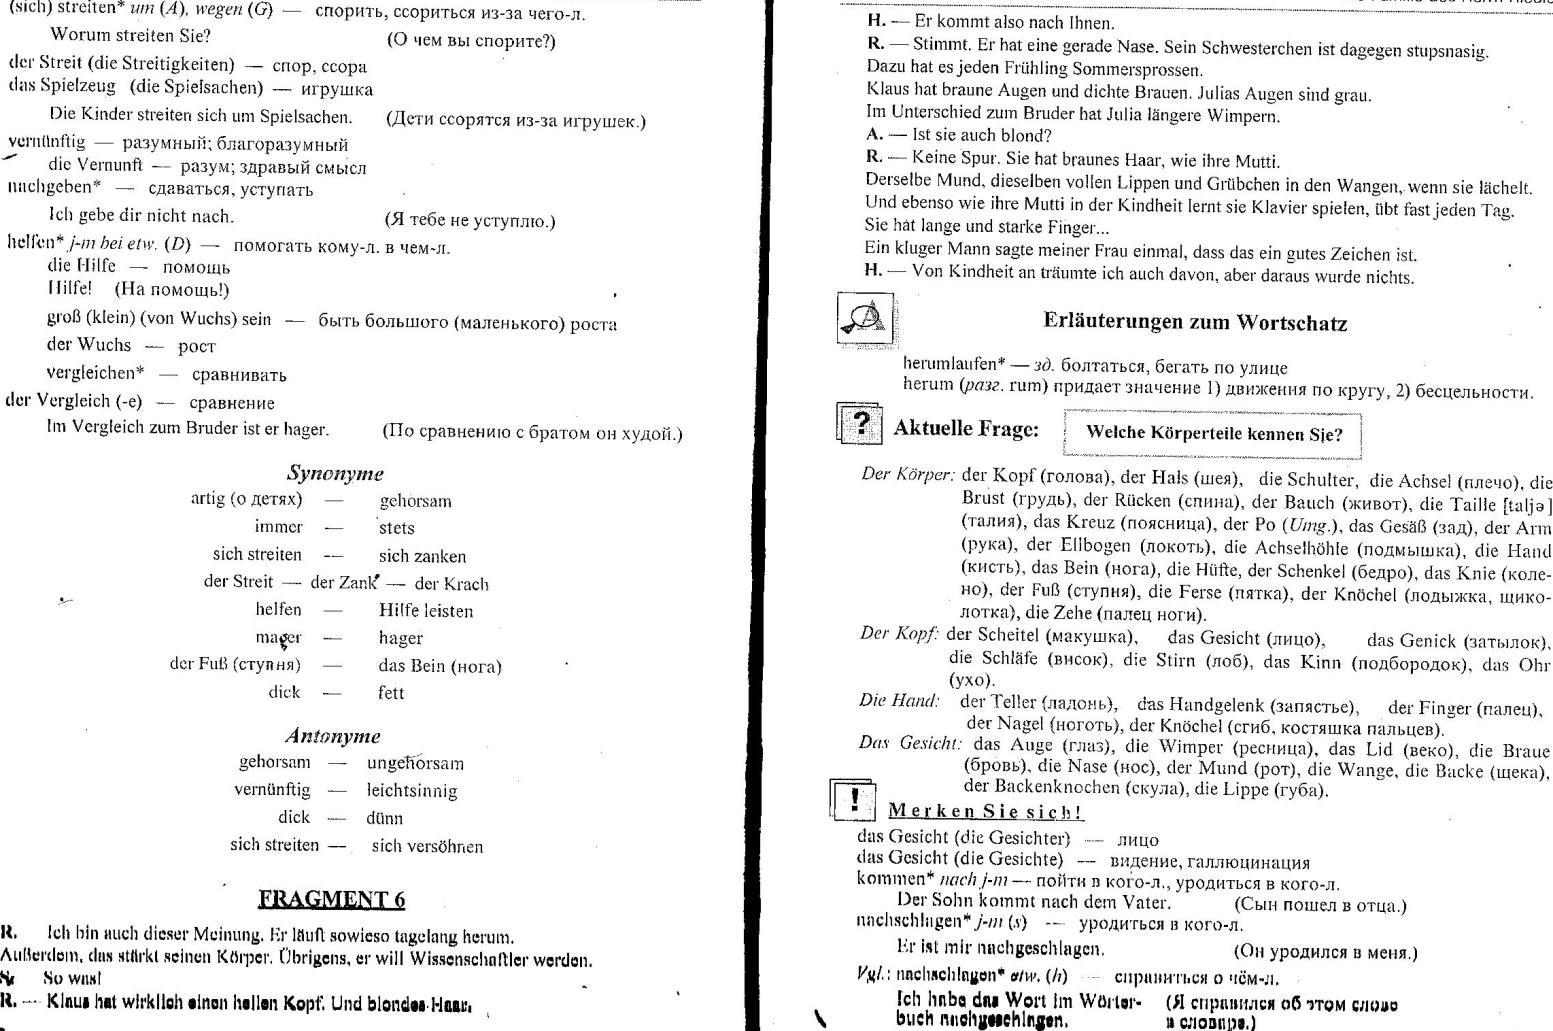 лексика по теме здоровье на немецком языке